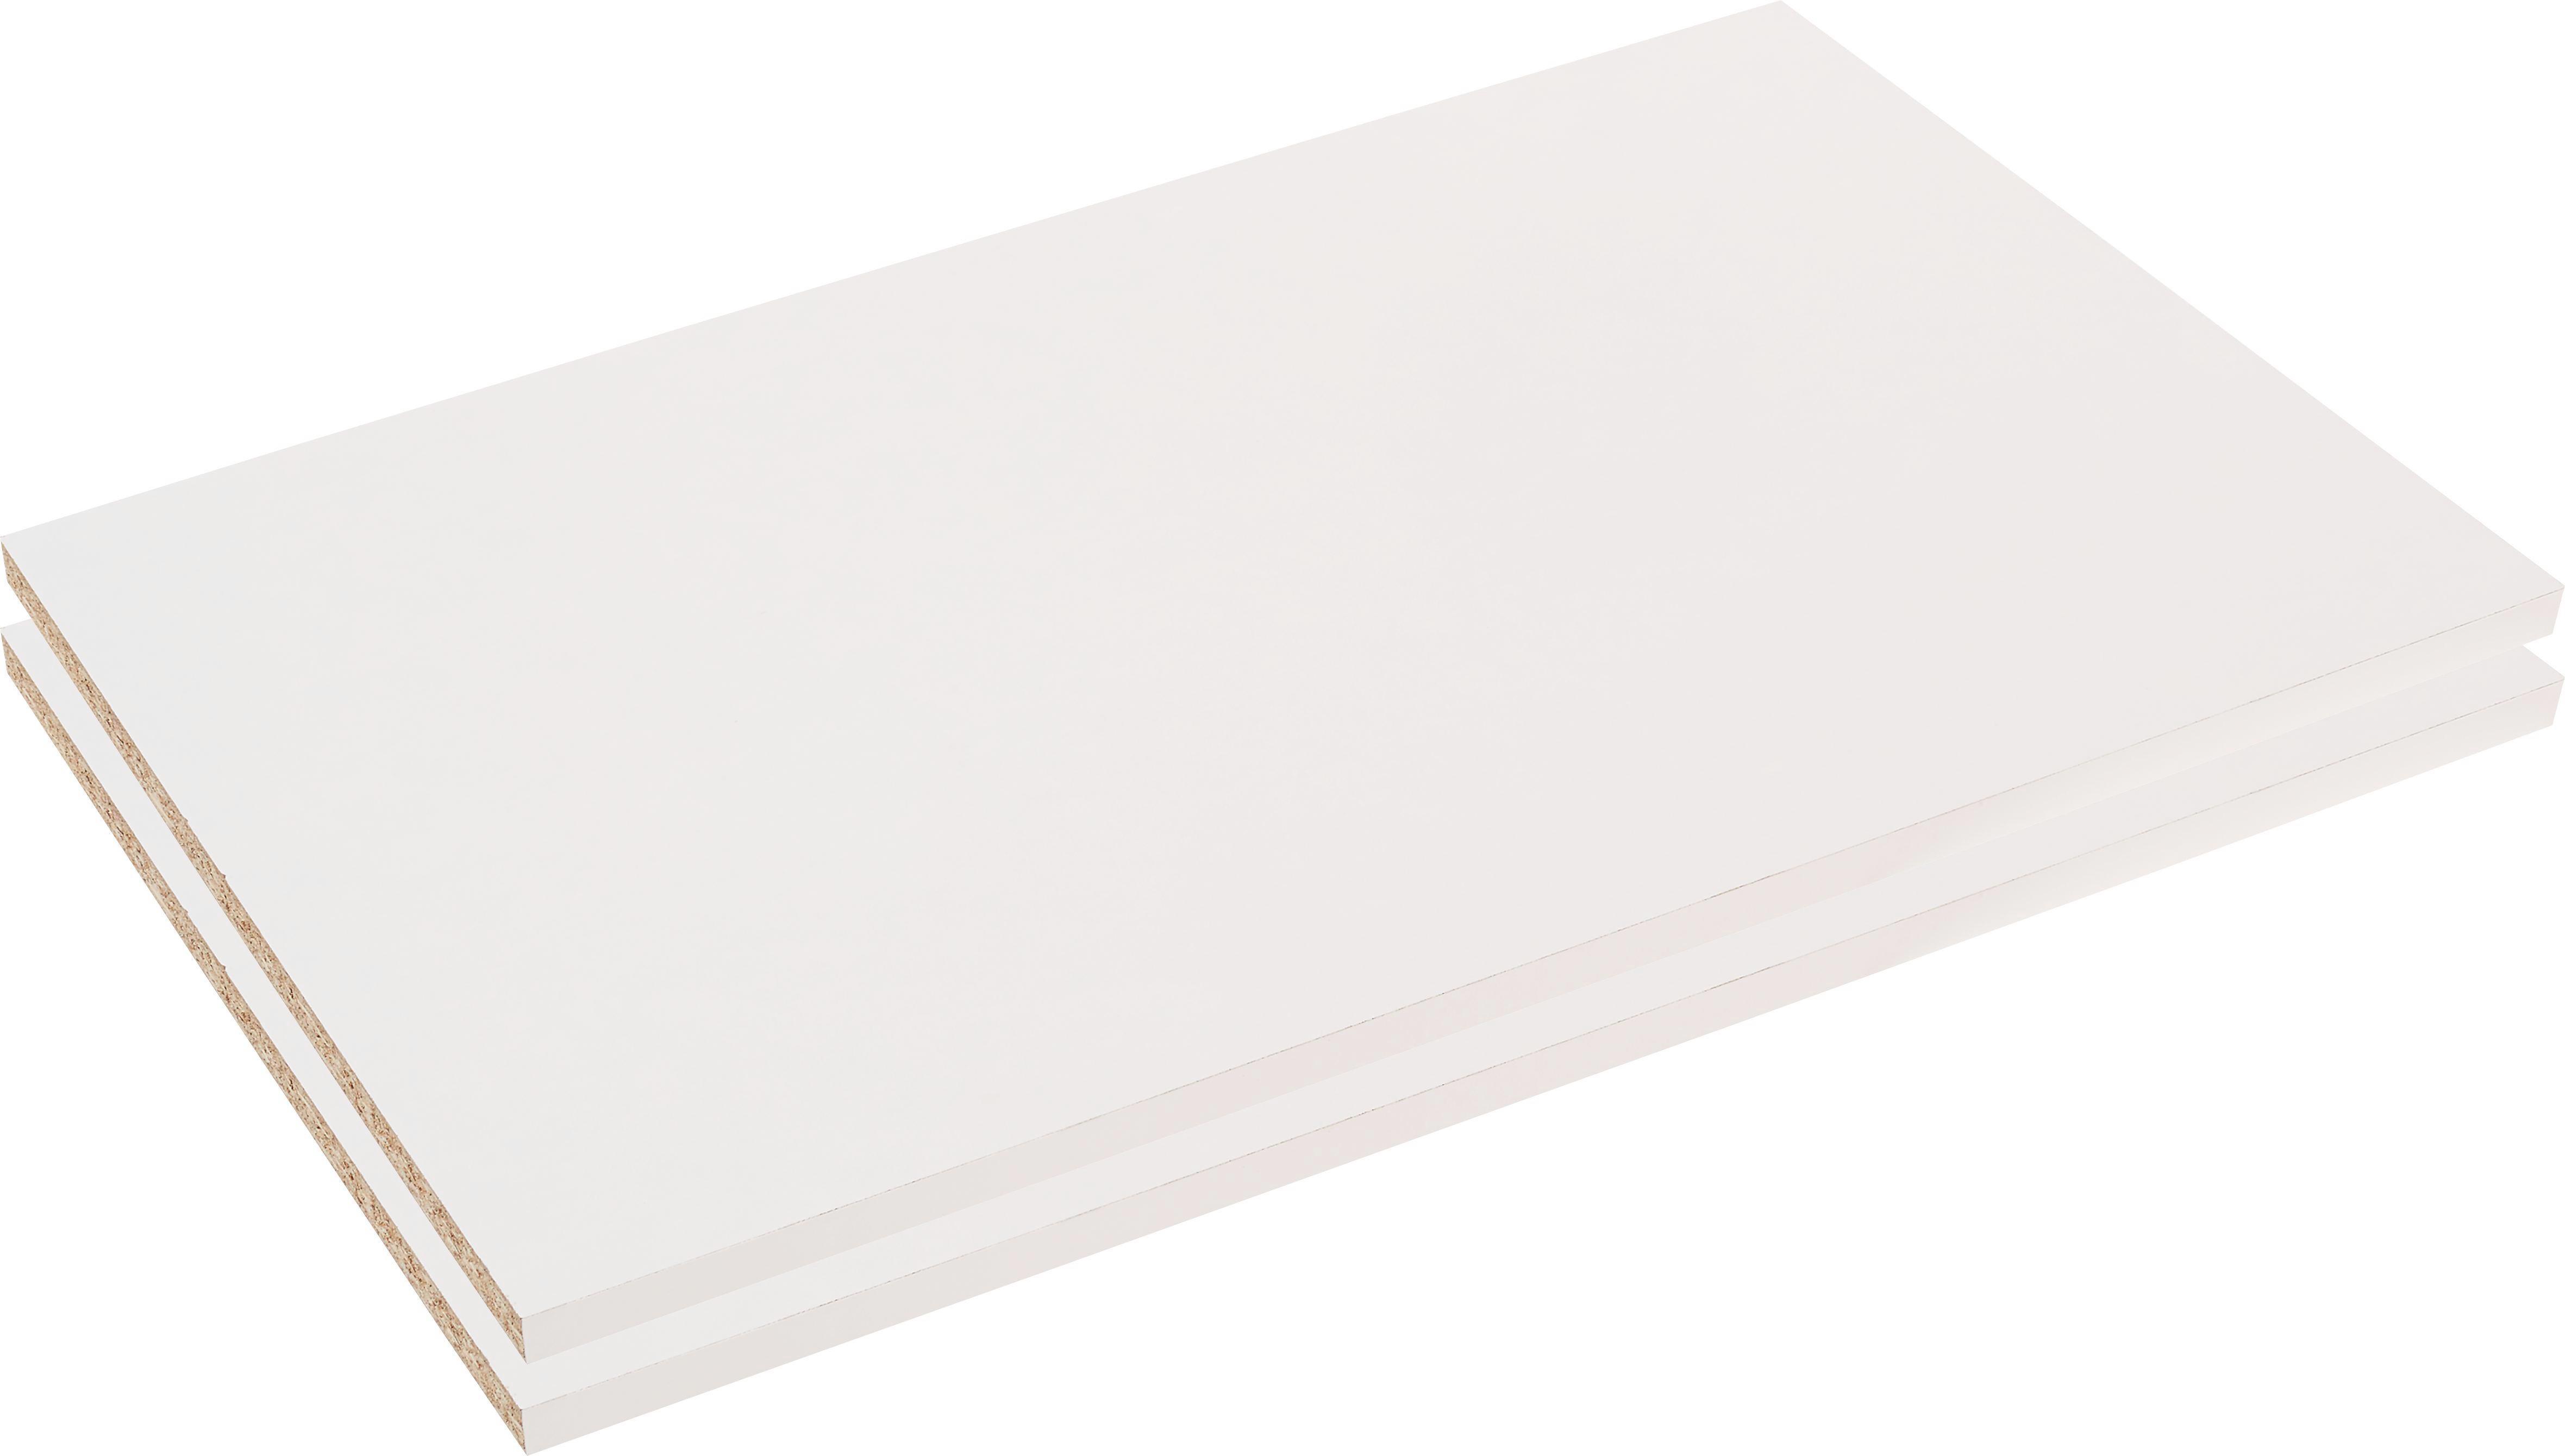 Sada Vkládacích Polic Julia/moon, Set 2 Kusů - bílá, Moderní, dřevo (83/2,2/48cm)